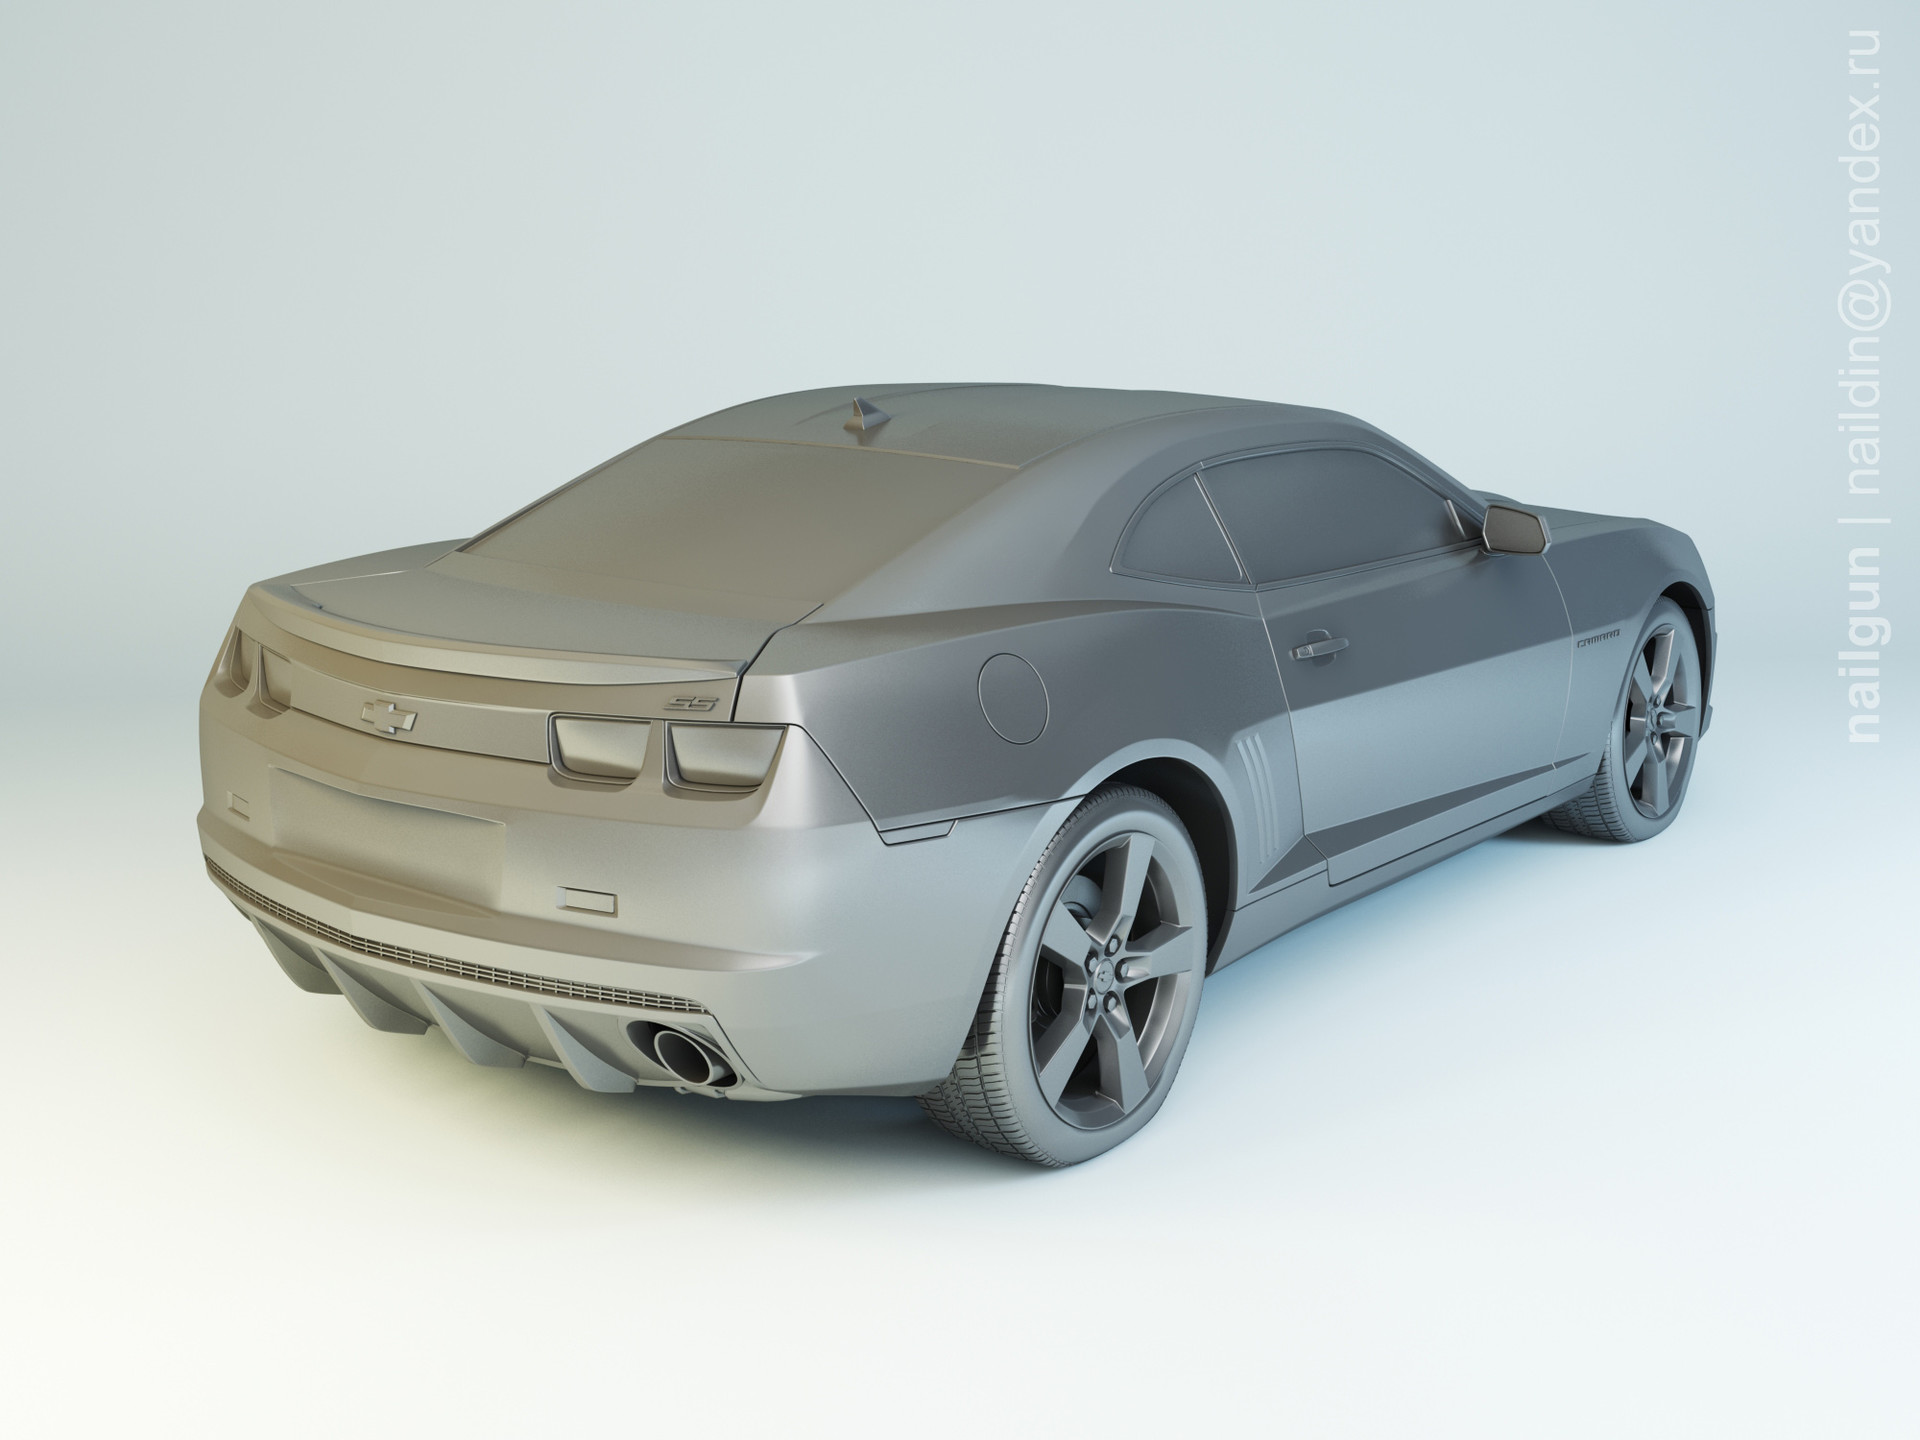 Nail khusnutdinov pwc 030 000 chevrolet camaro ss modelling 1